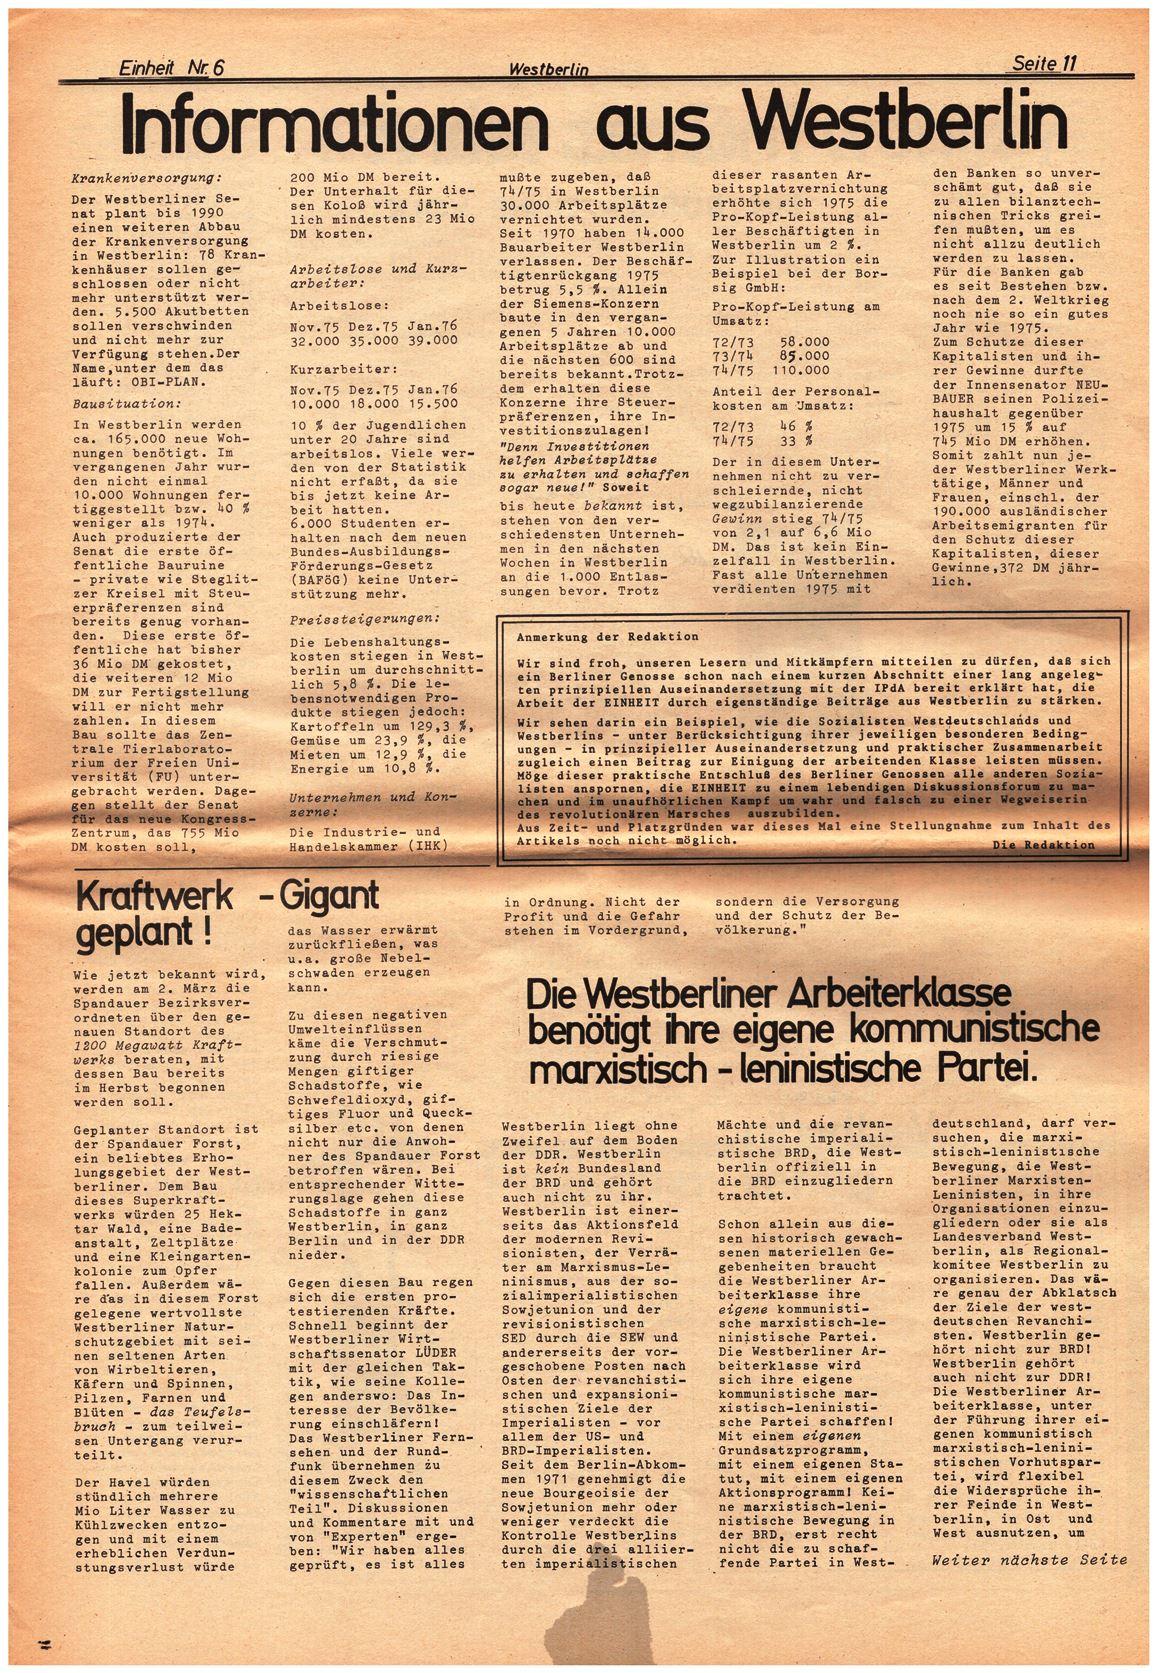 Koeln_IPdA_Einheit_1976_006_011